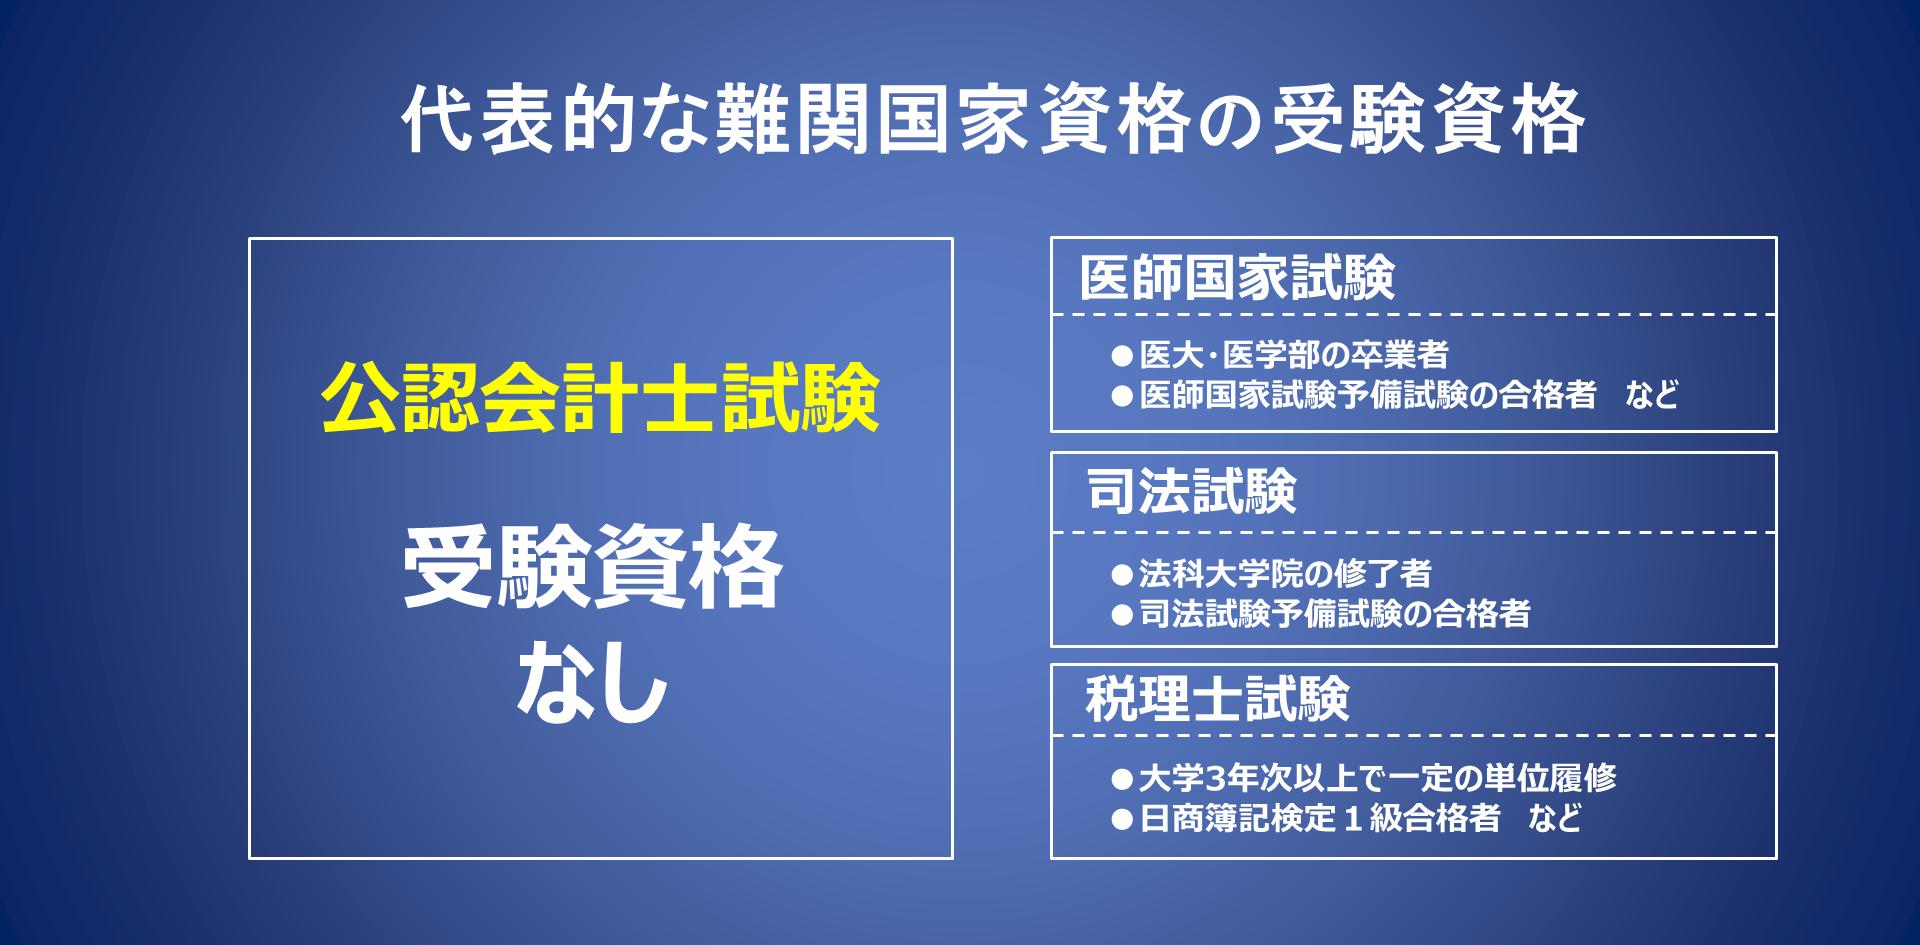 公認会計士試験 受験資格